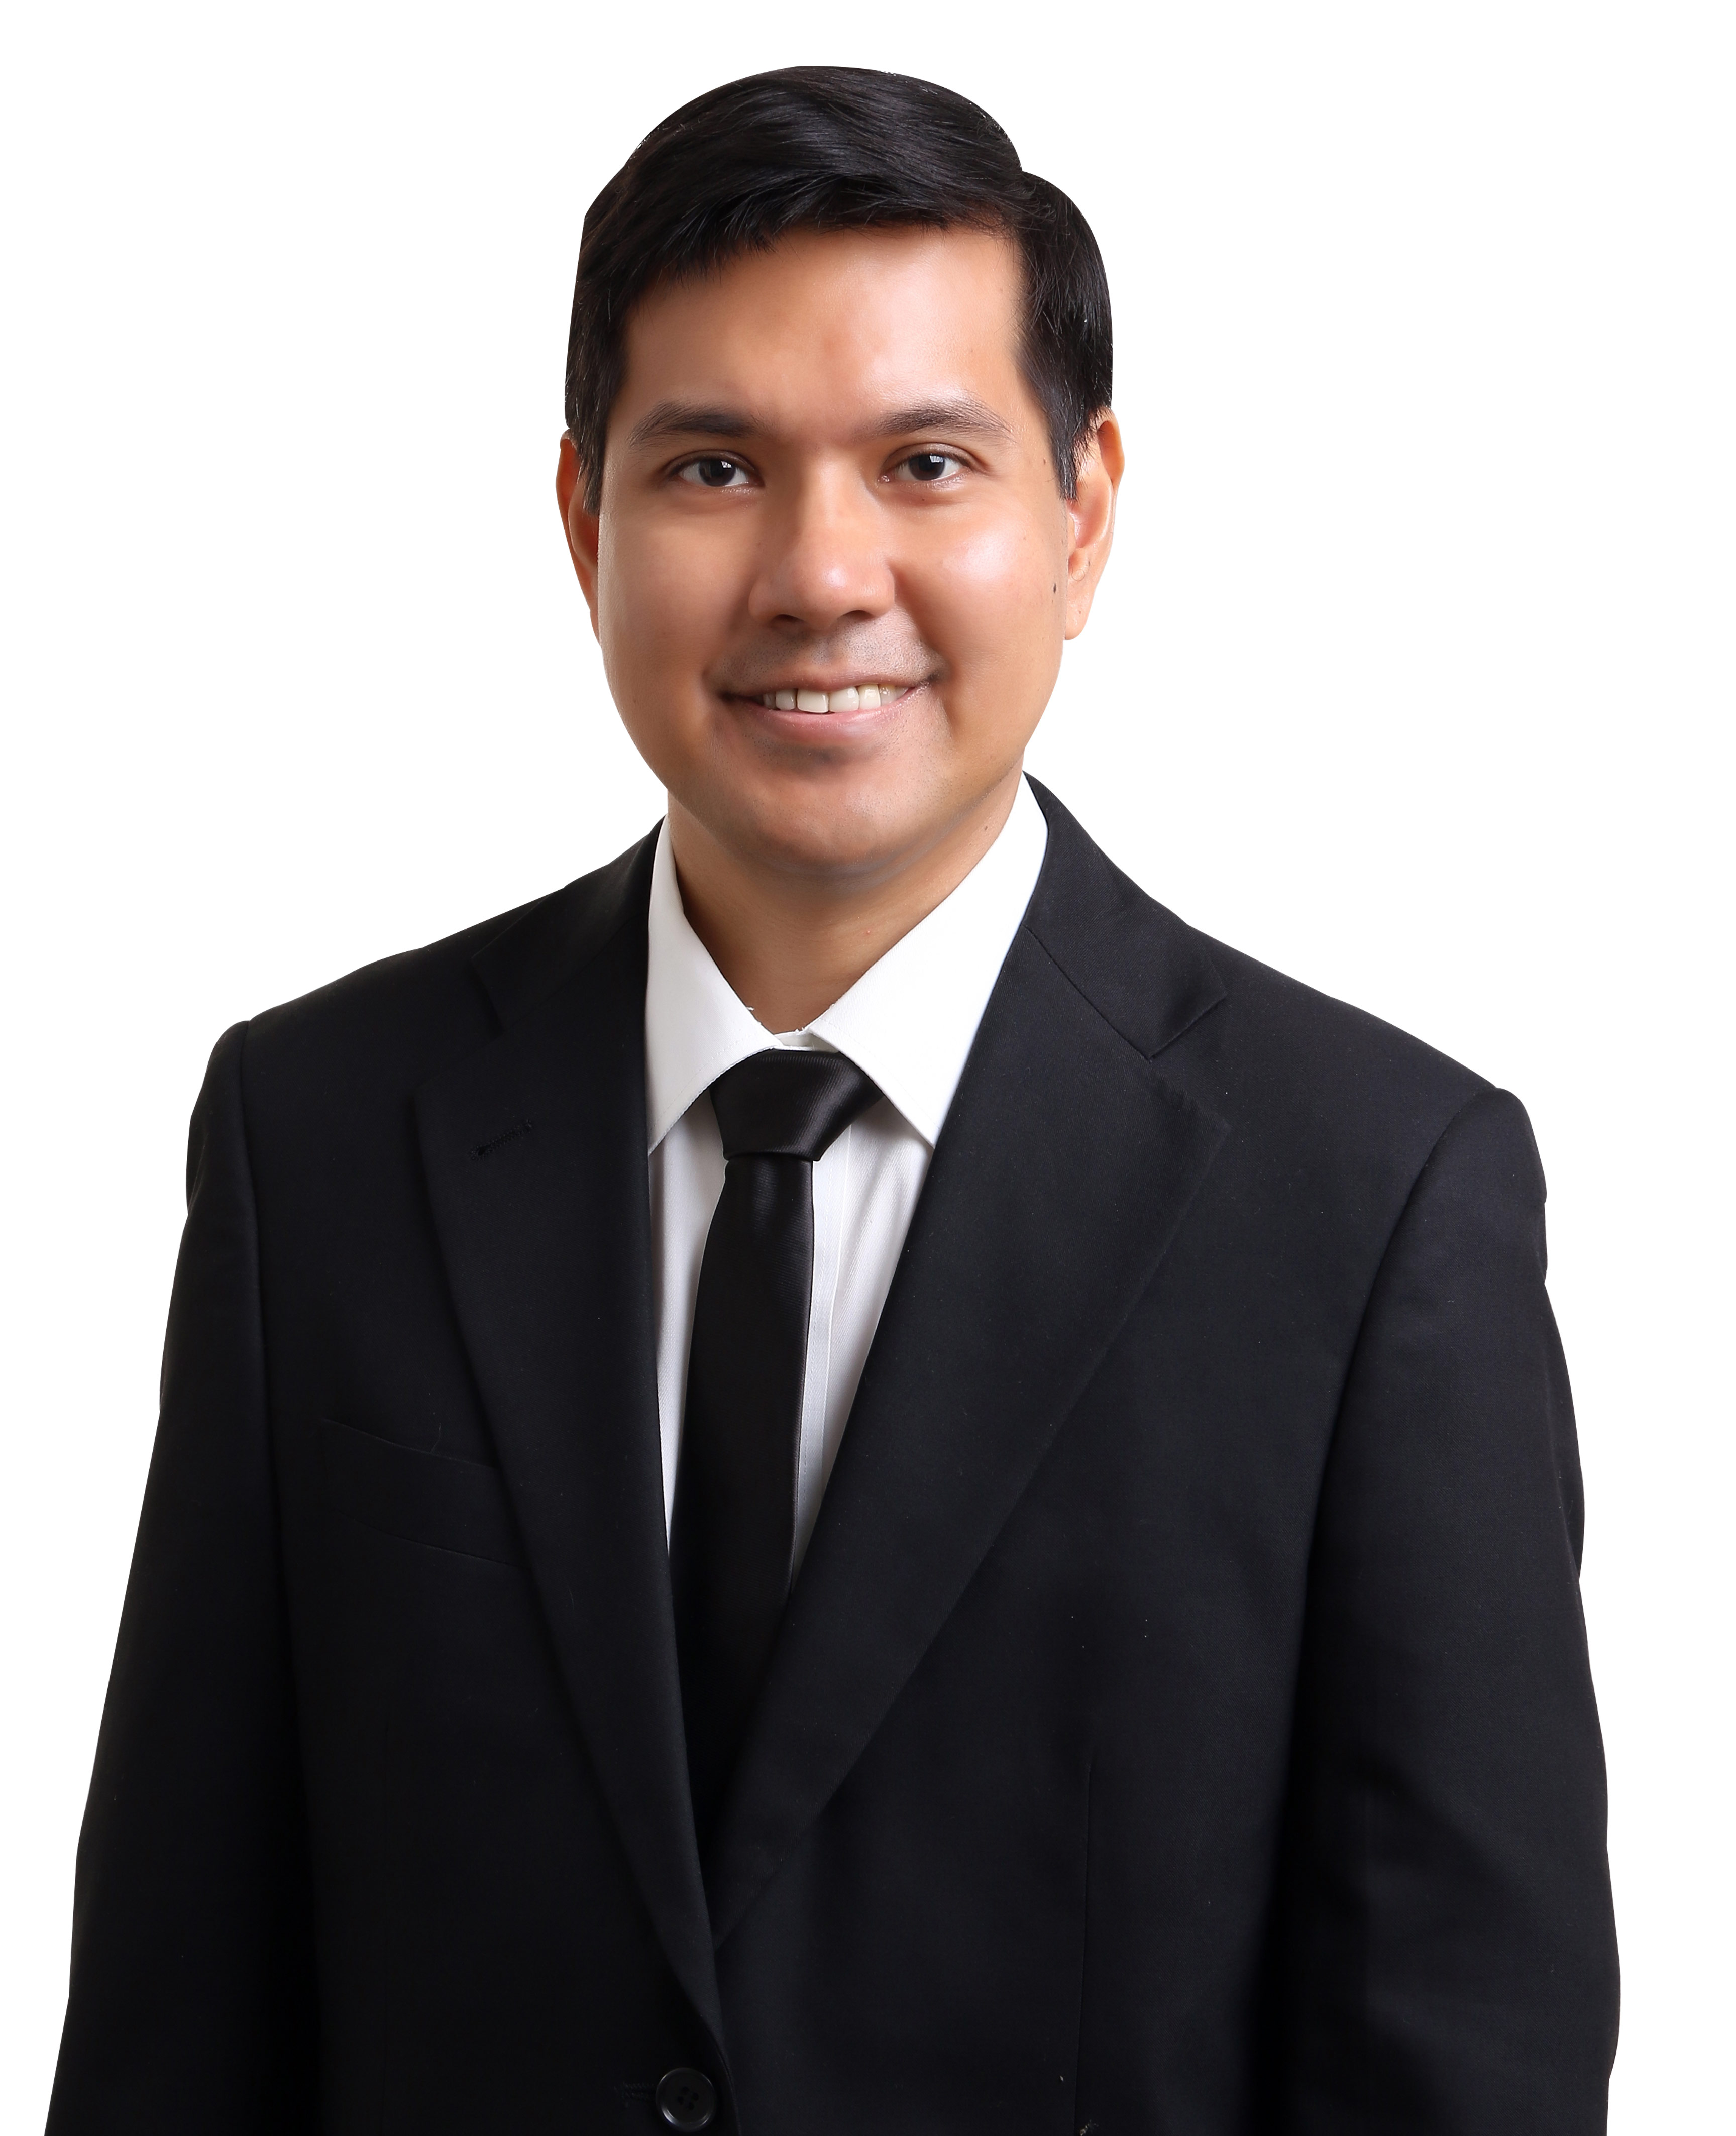 Michael Joseph Bautista